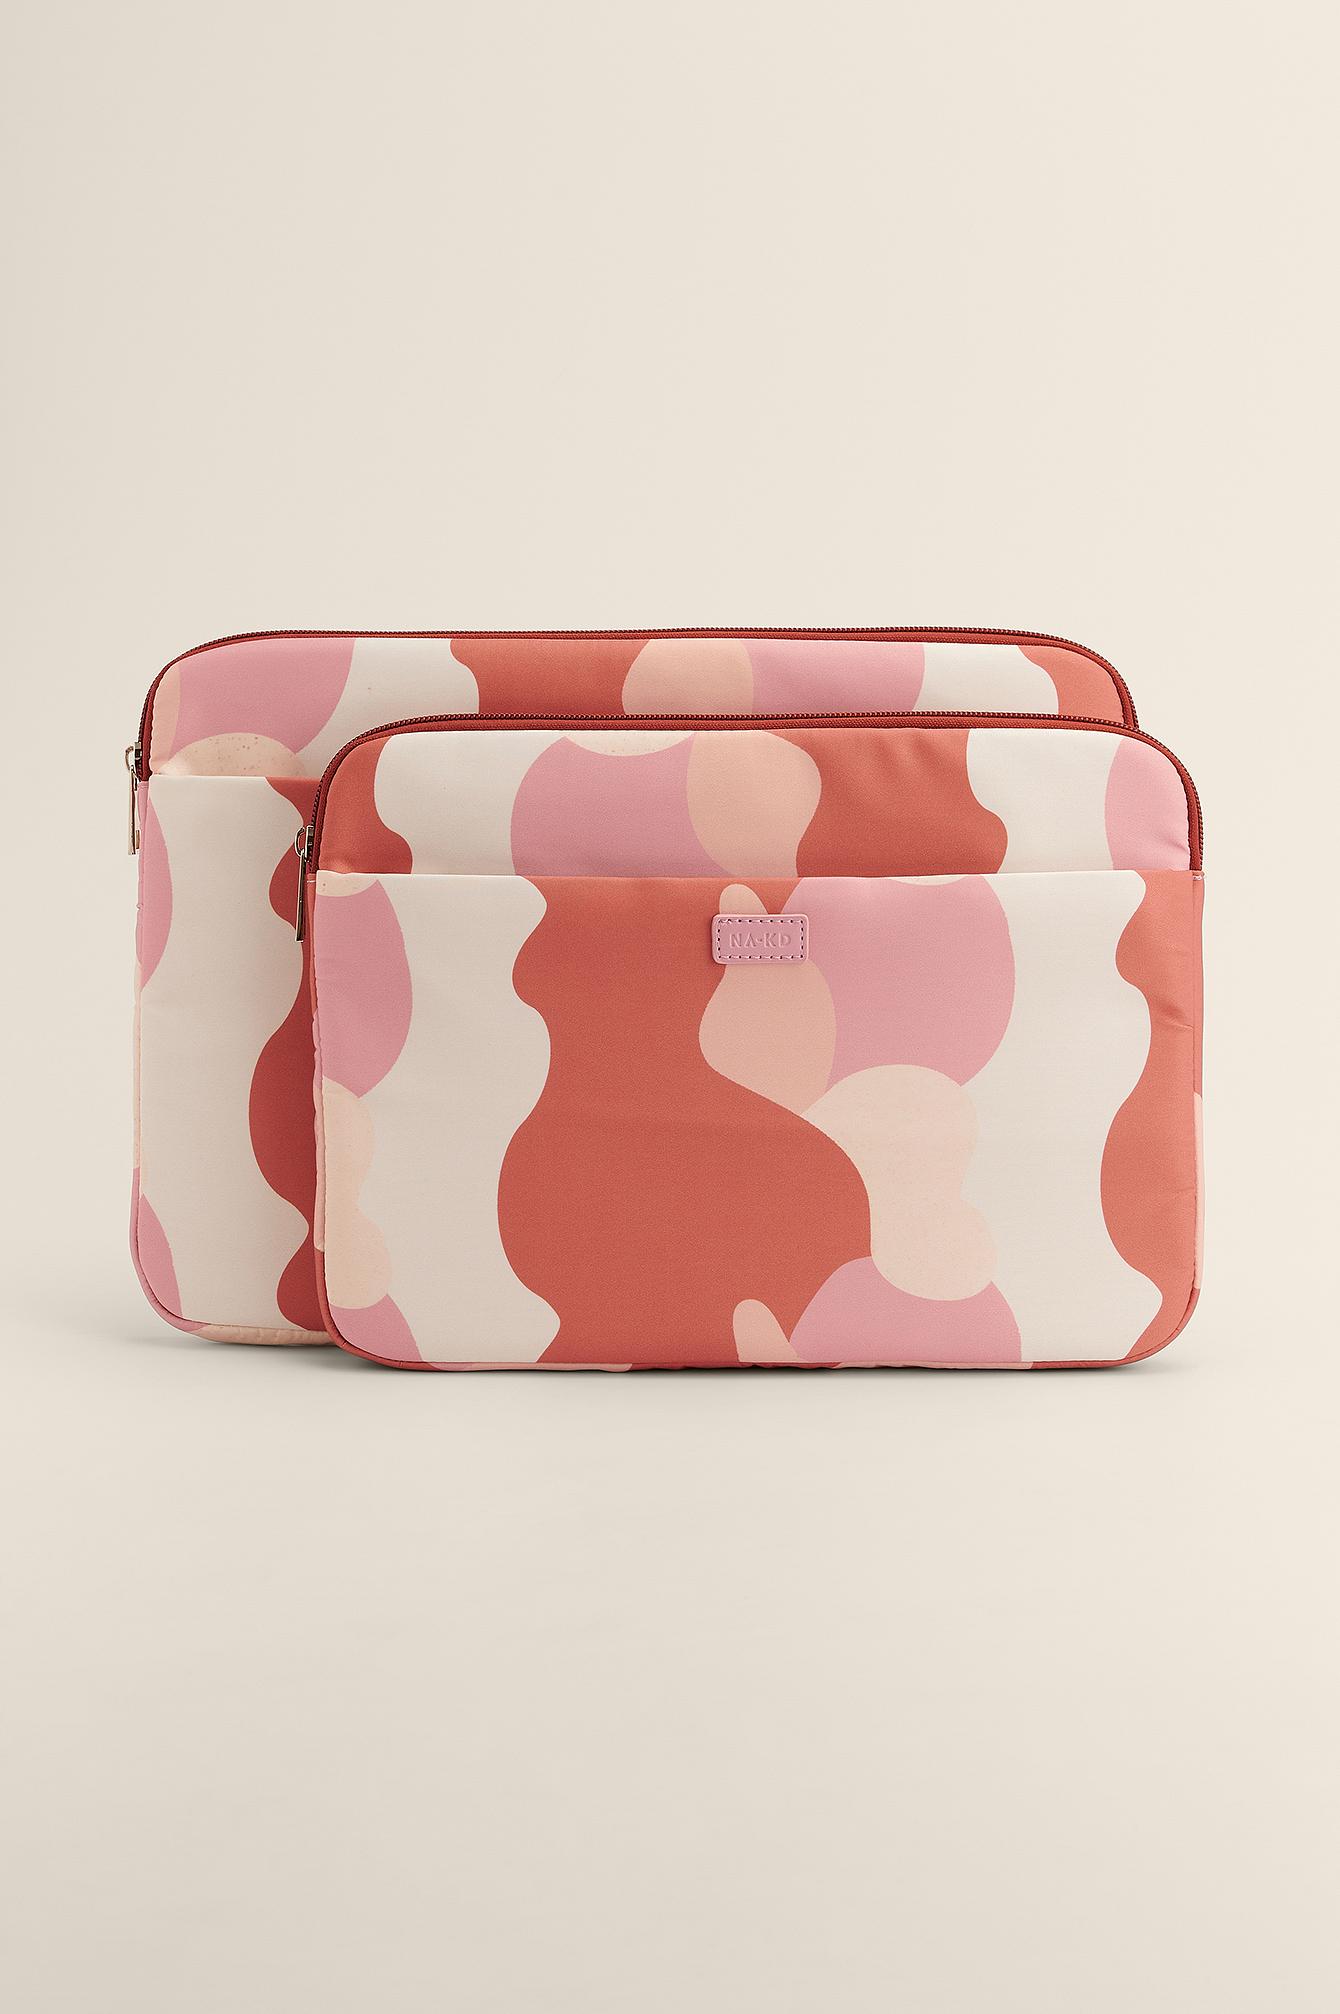 na-kd accessories -  Bedruckte Laptop-Schutzhülle - Pink